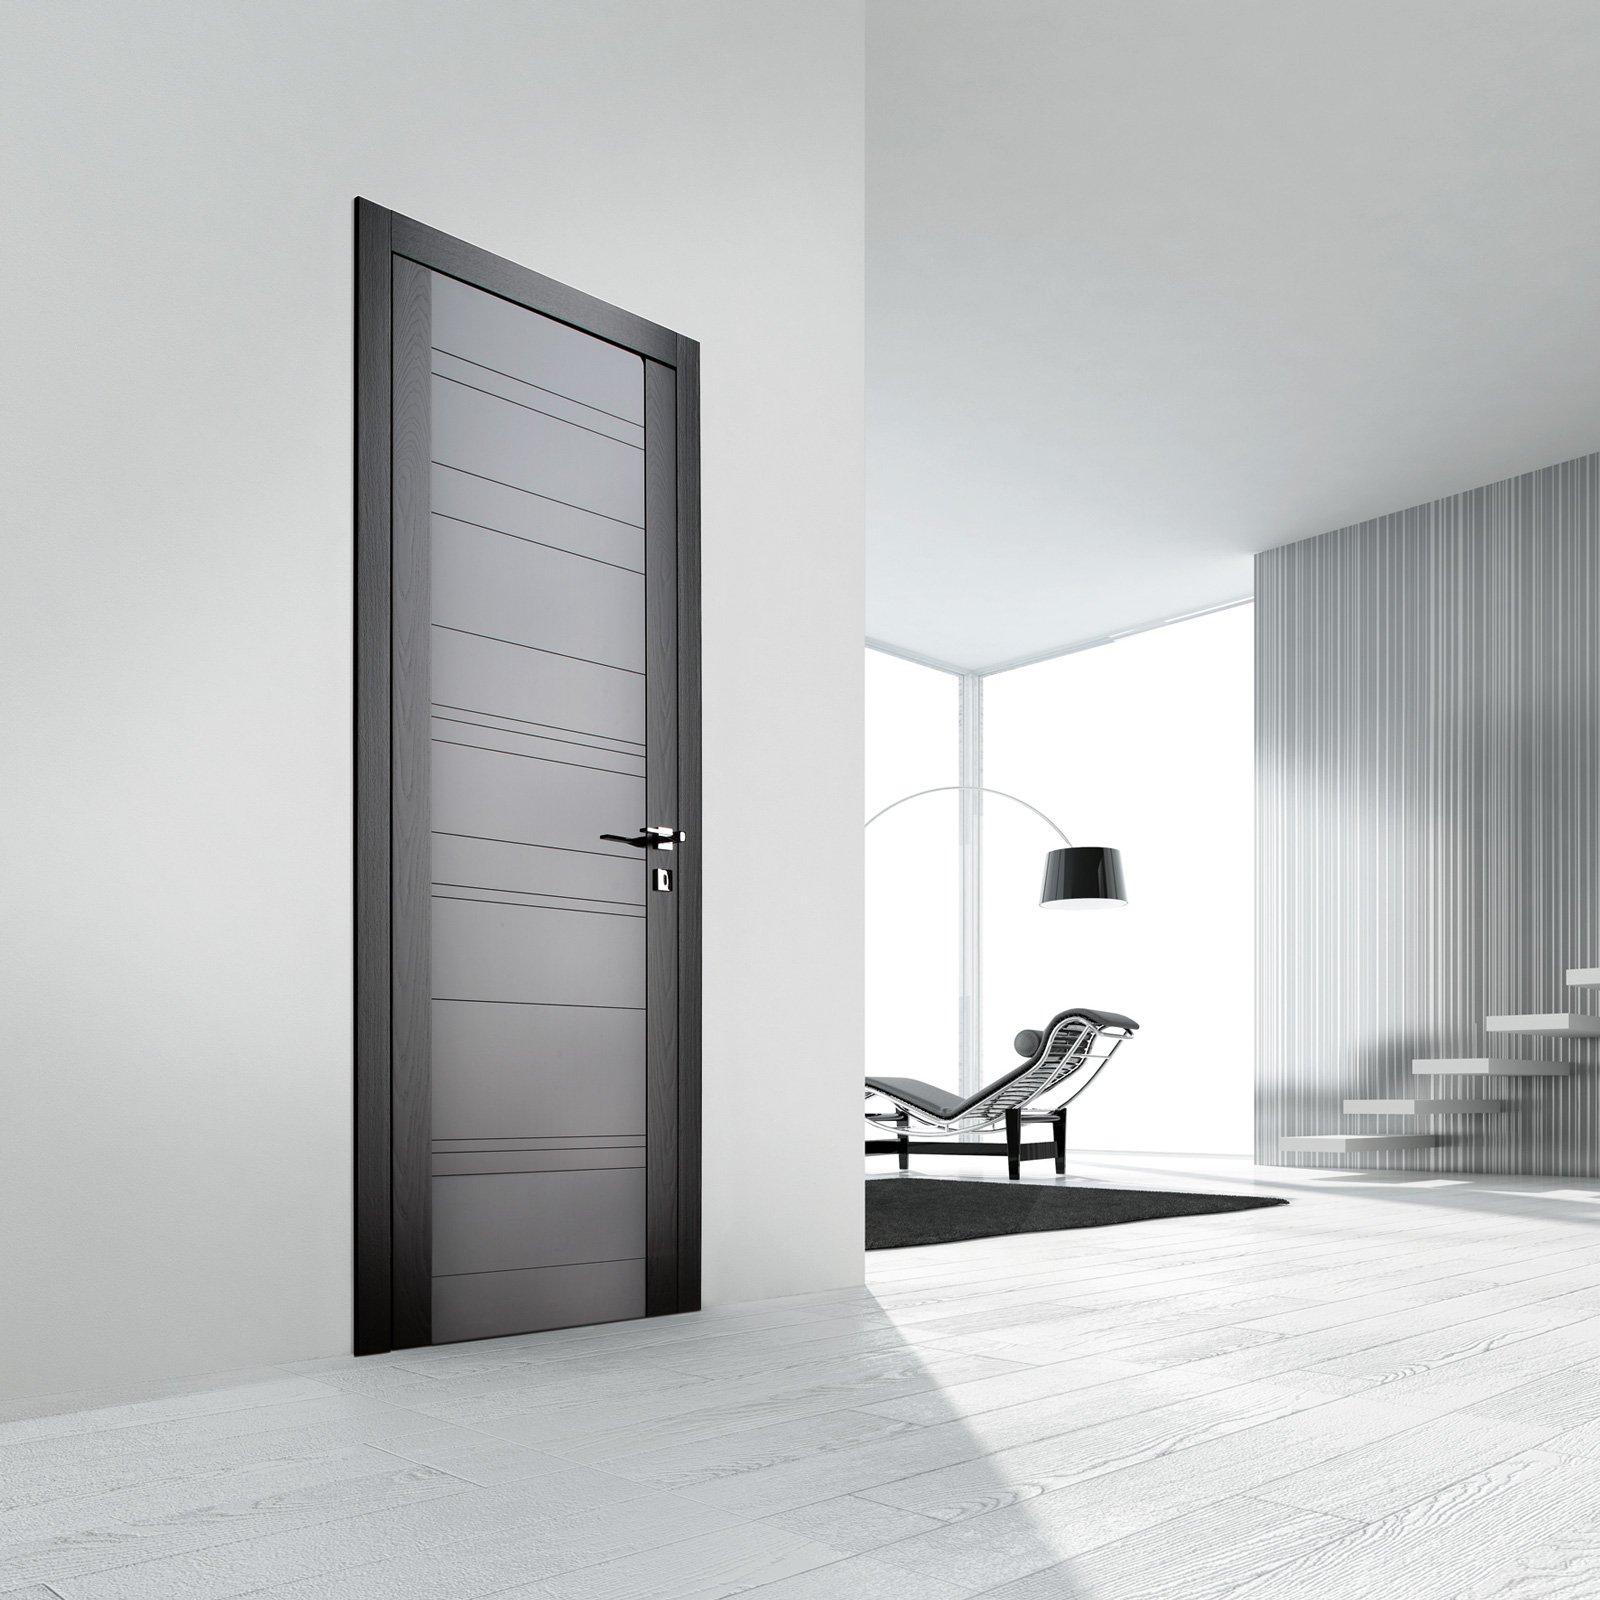 Porte a battente: tinta legno, laccata o decor? - Cose di Casa